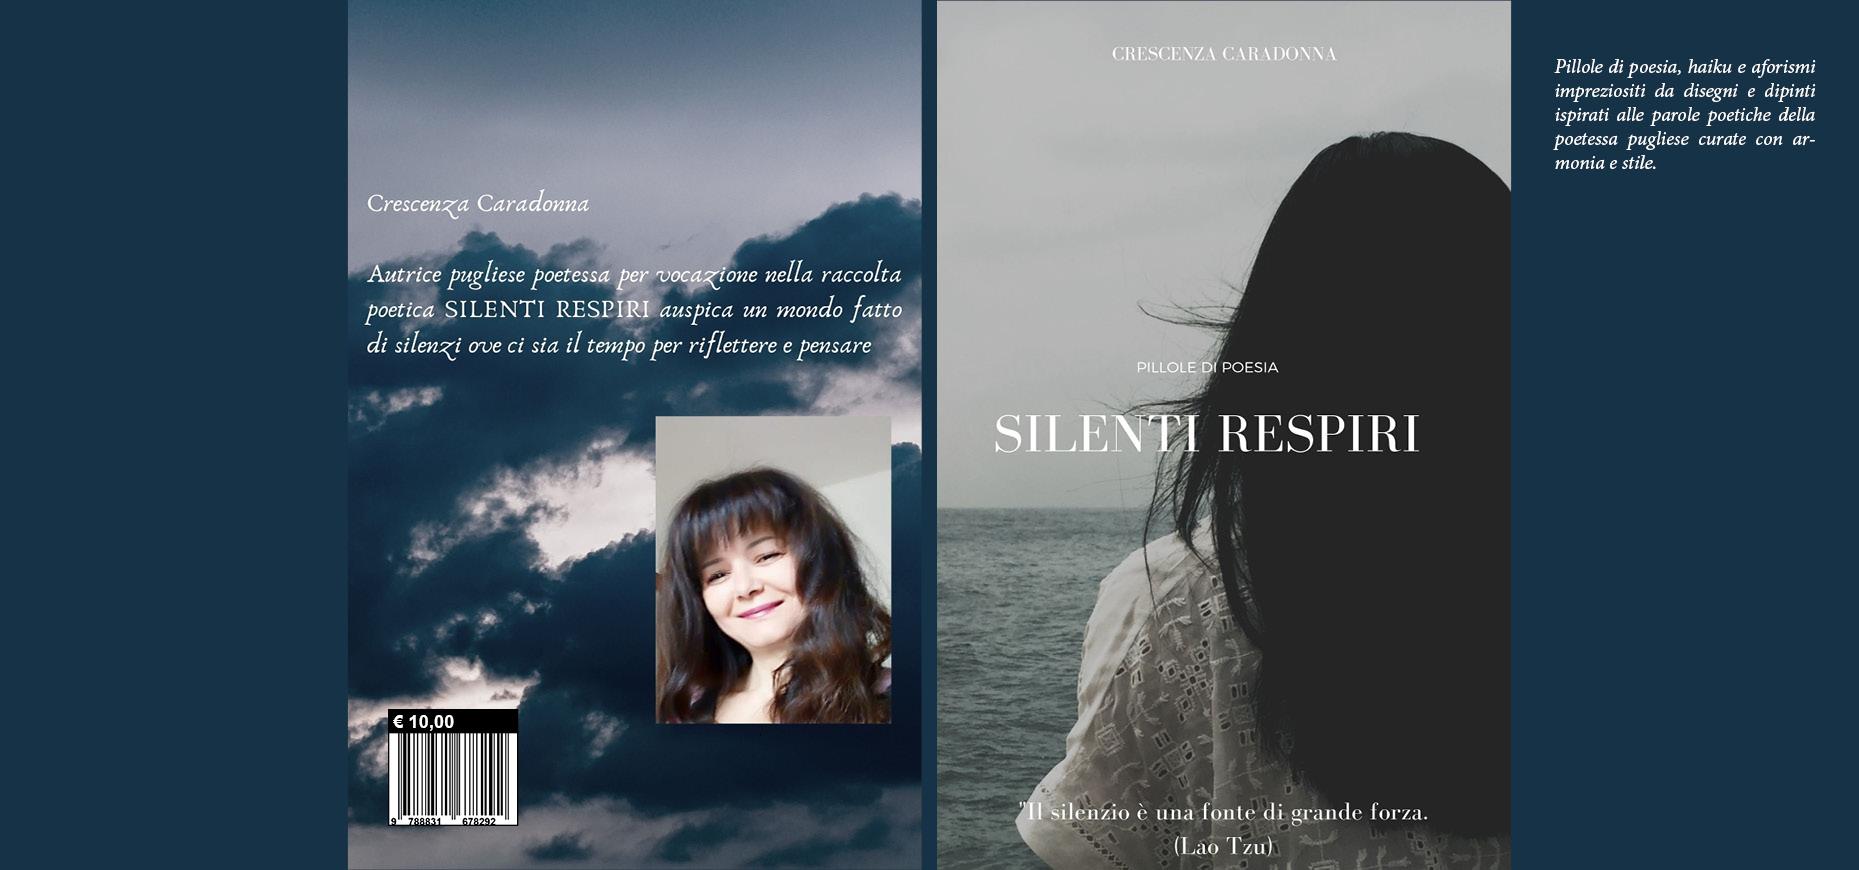 LIBRO POESIE: SILENTI RESPIRI di CRESCENZA CARADONNA